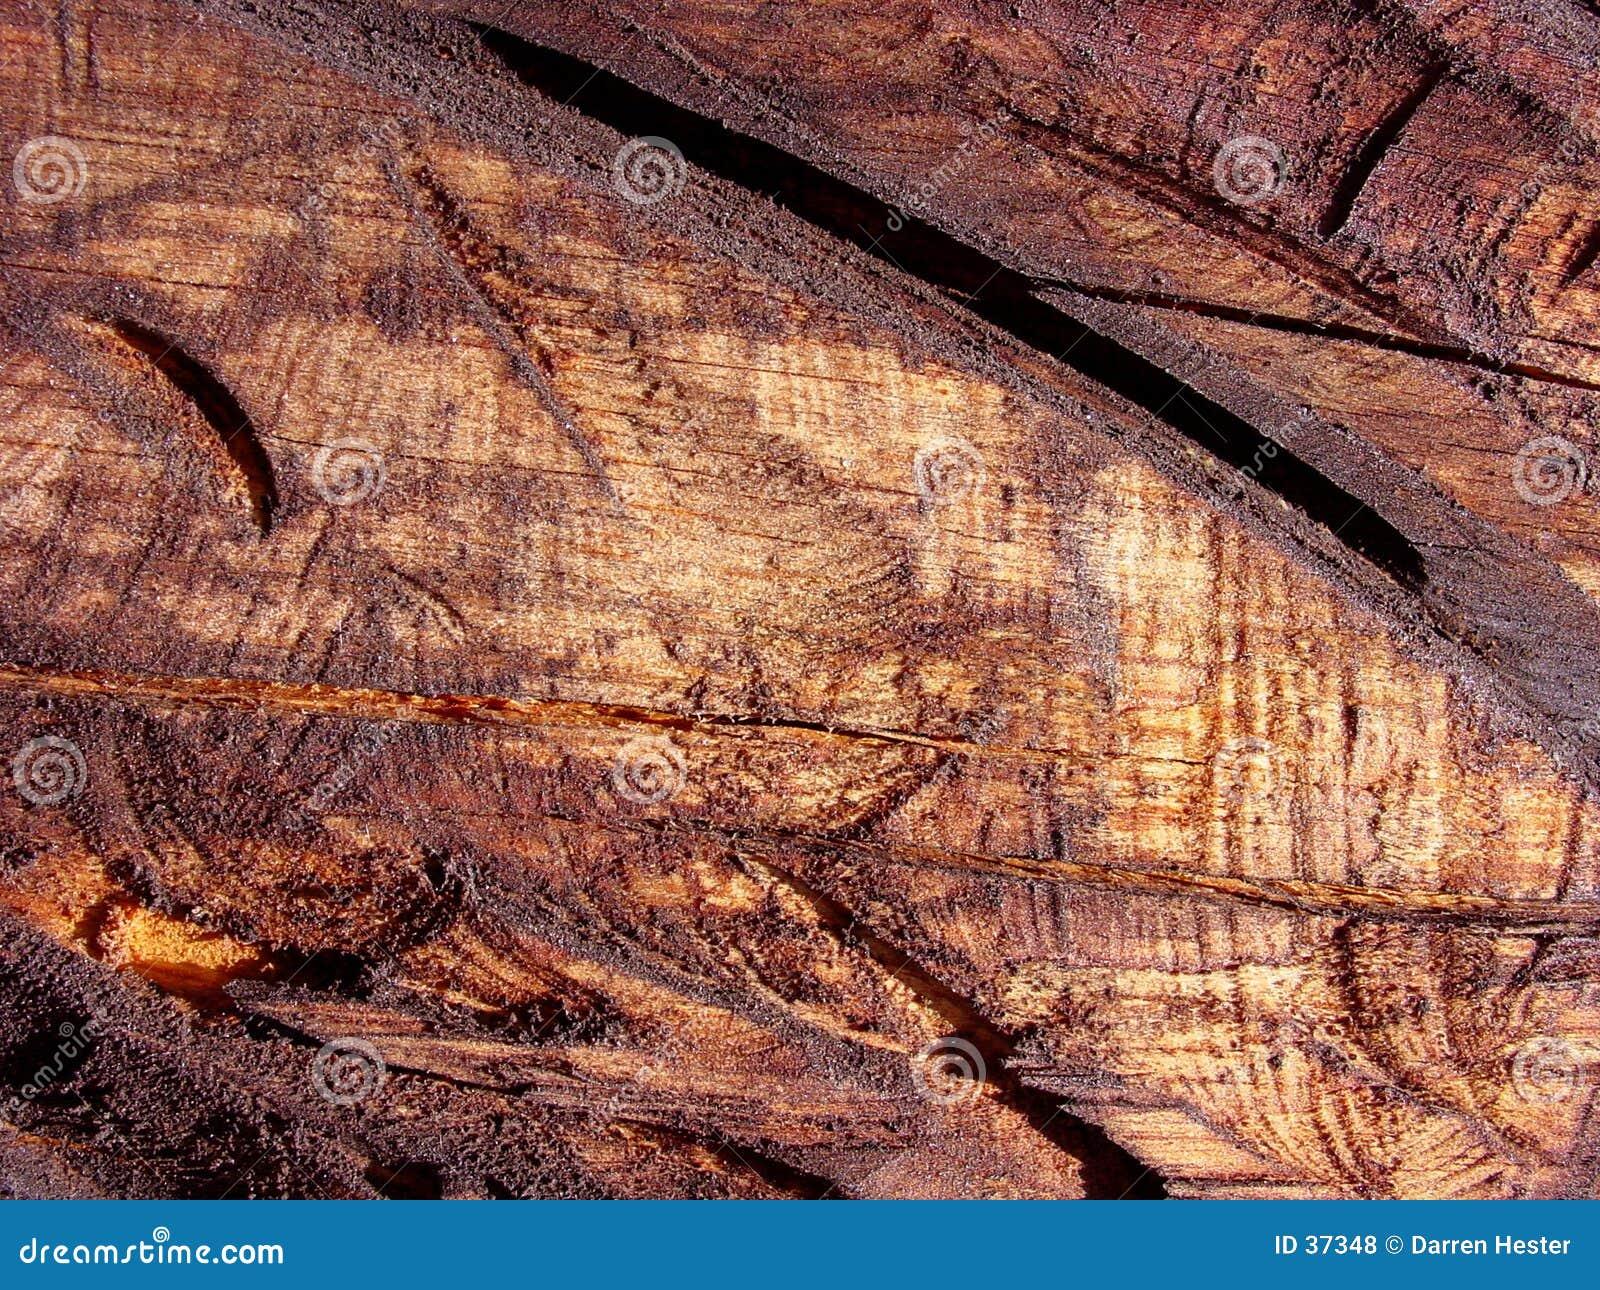 Download Textura de madera foto de archivo. Imagen de grunge, fondo - 37348